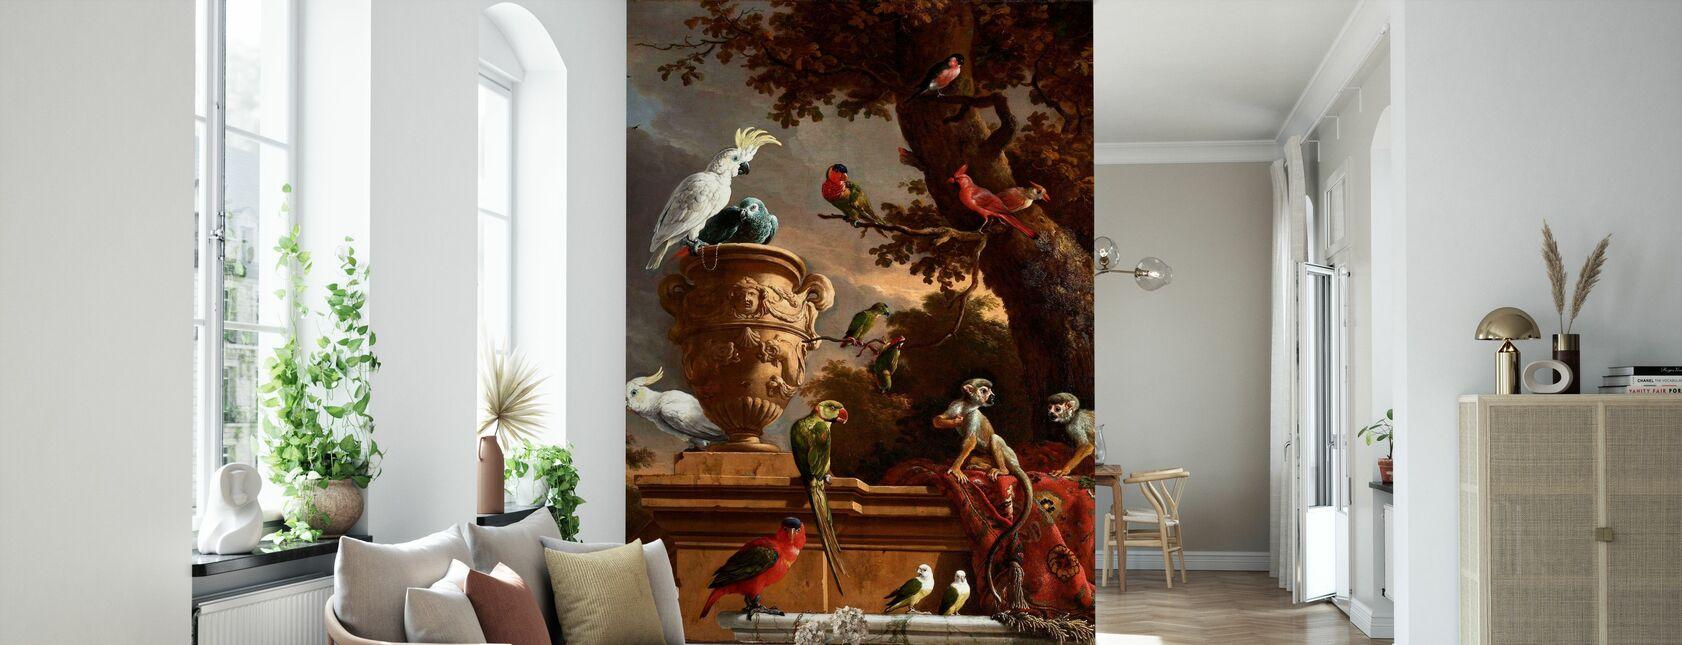 Menagerie - Melchior D'Hondecoeter - Wallpaper - Living Room